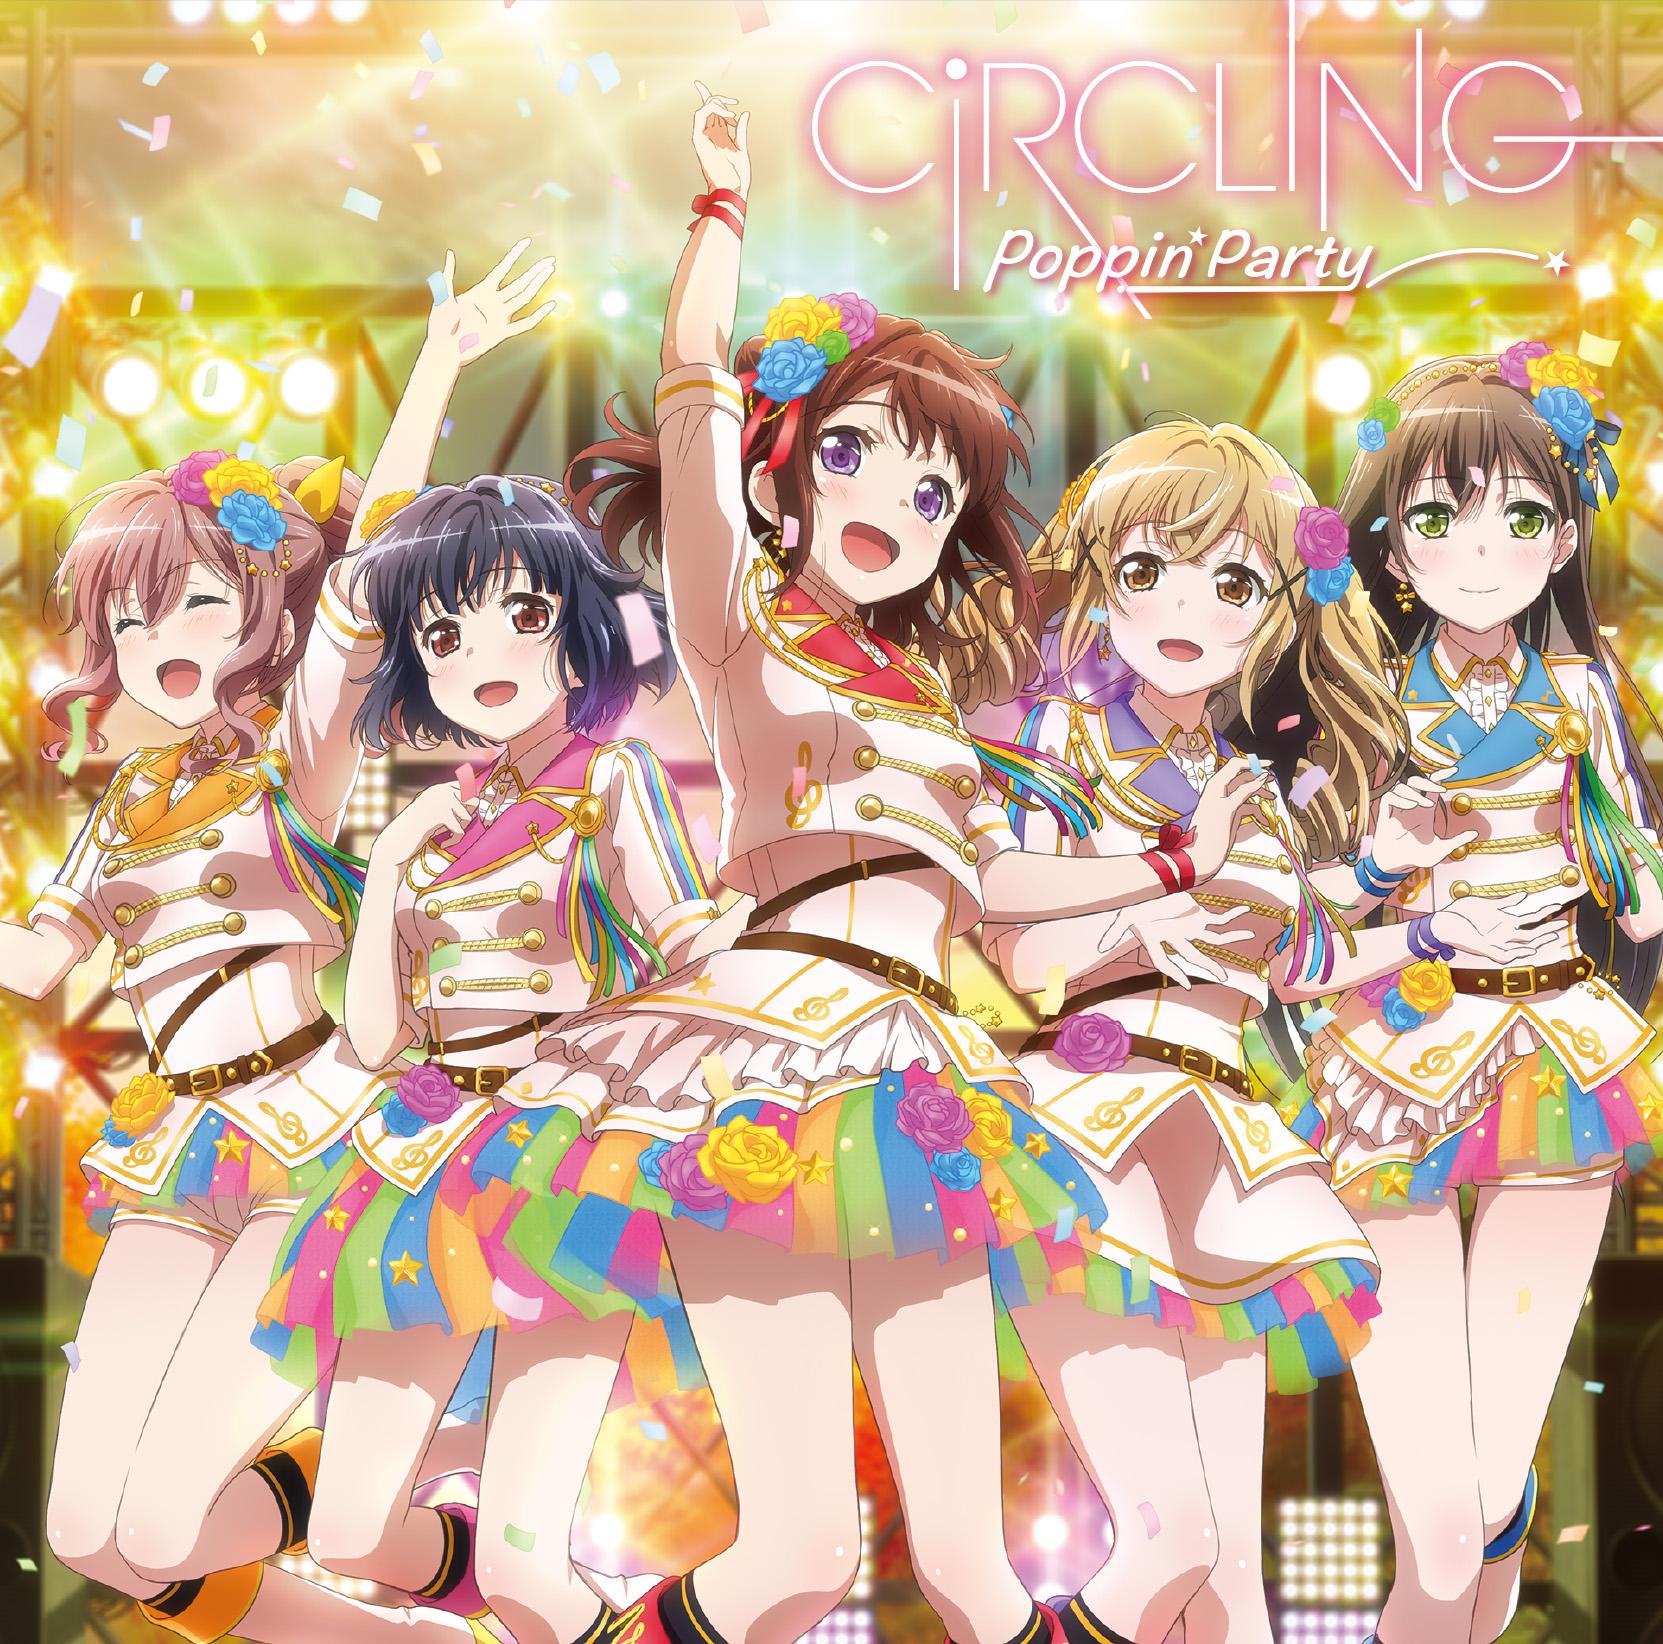 【キャラクターカードを公開!】3月21日(水)にPoppin'Party 9th Single「CiRCLING」の発売が決定!